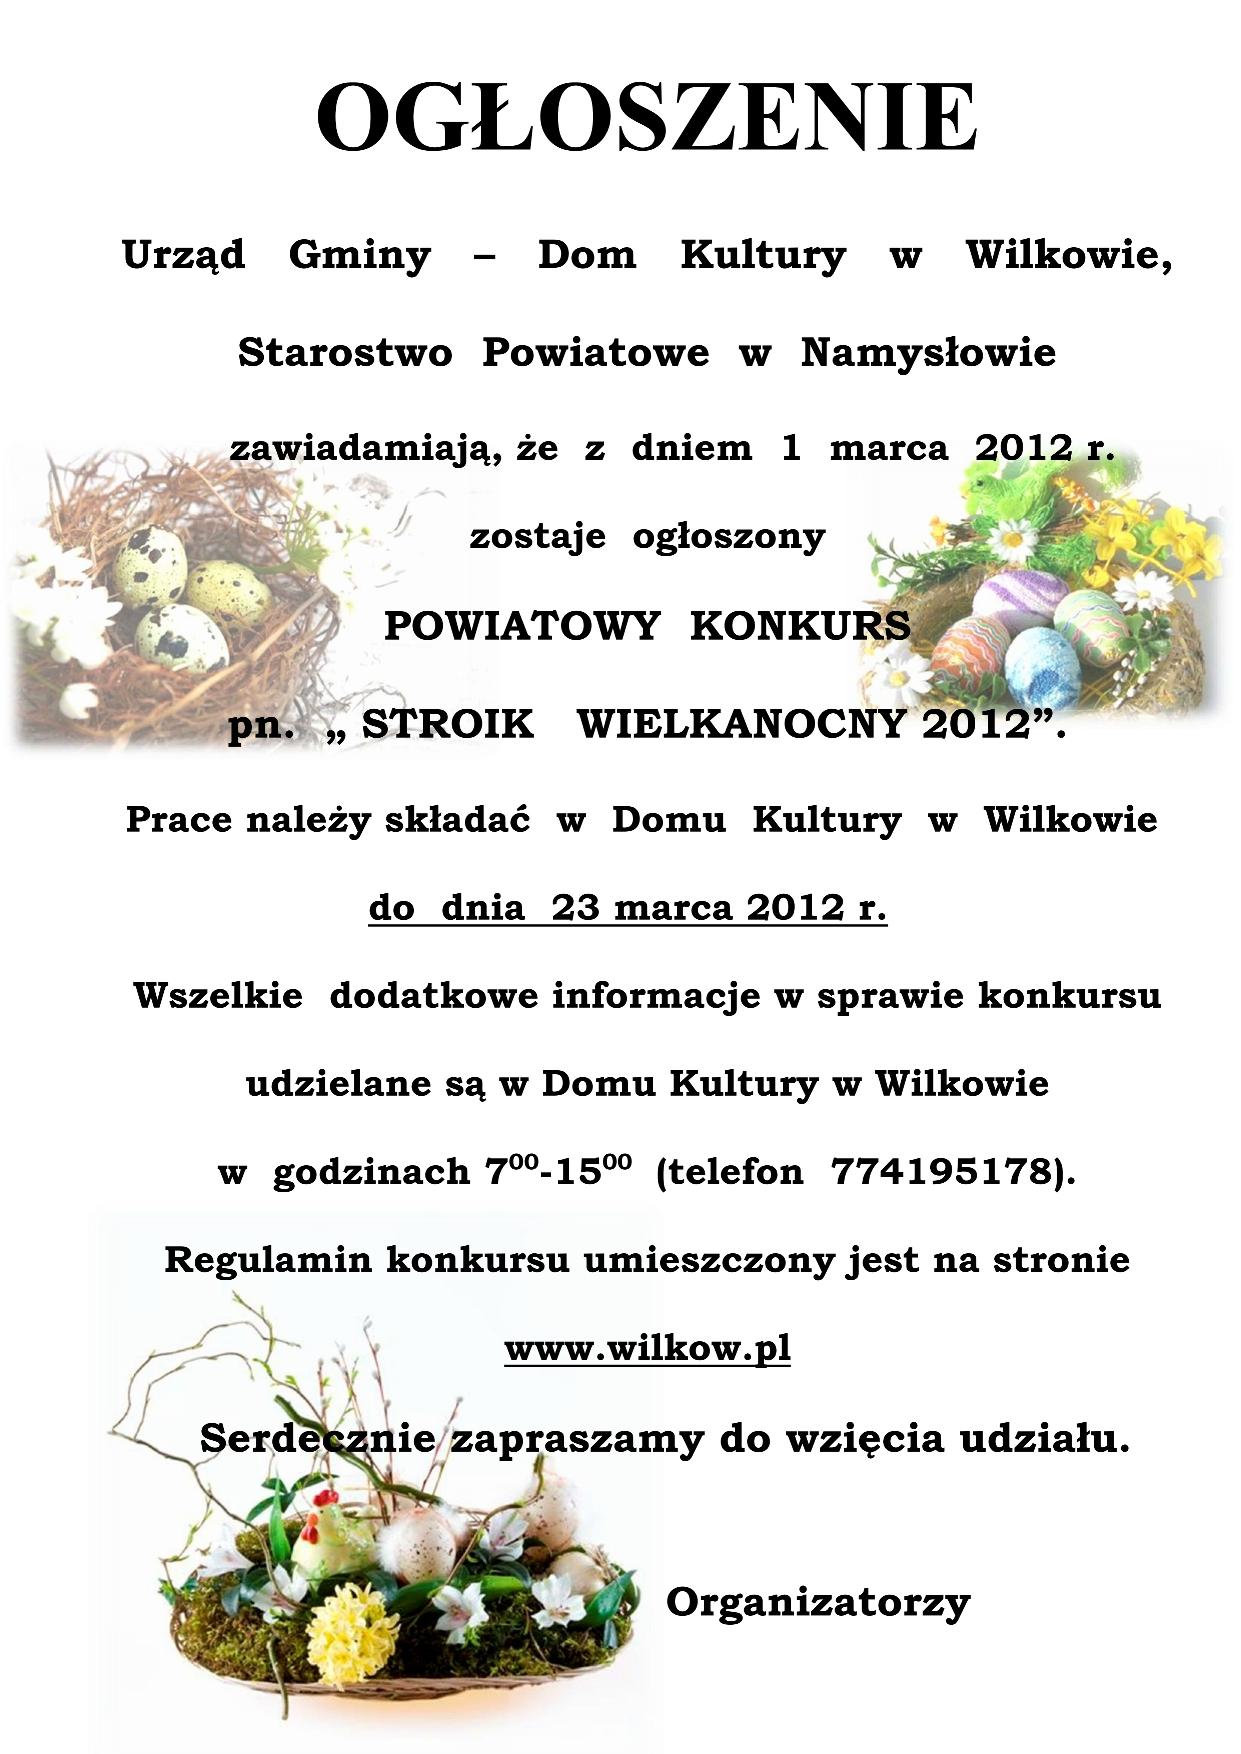 Ogłoszenie konkursu - stroik wielkanocny_01.jpeg